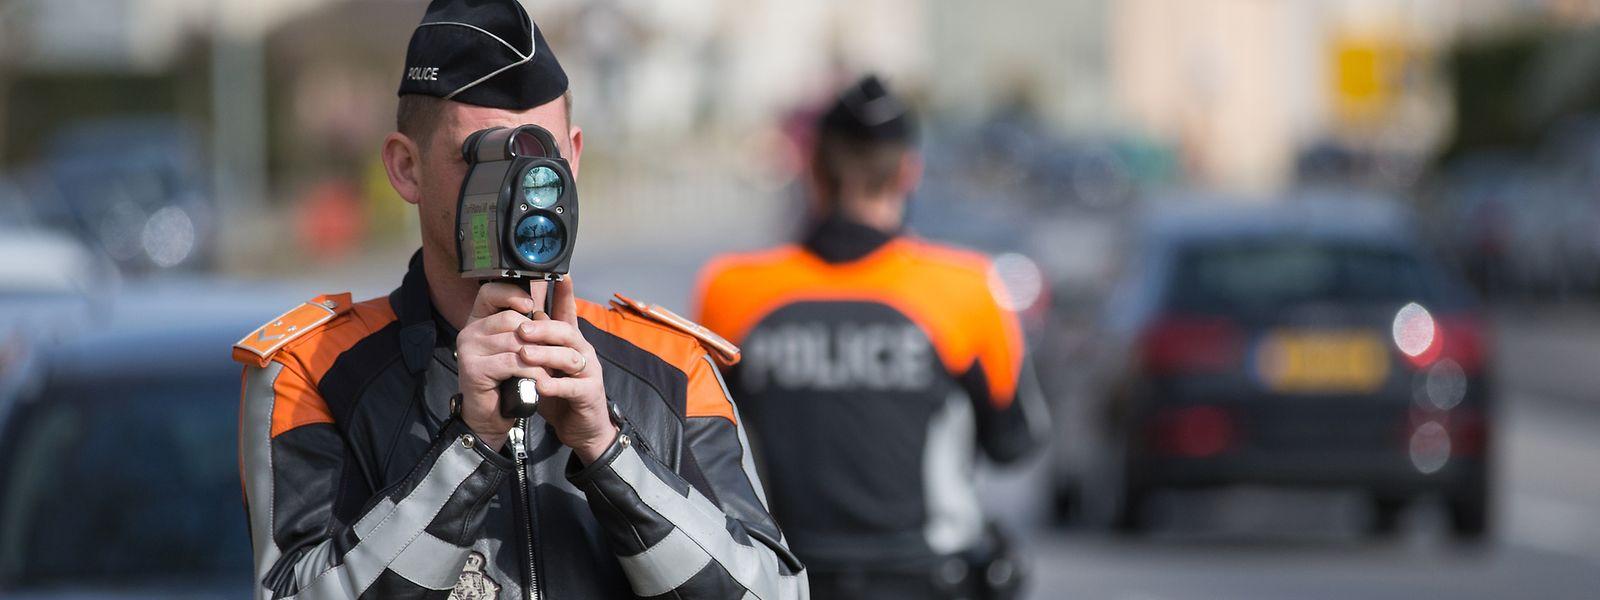 Entre 2016 et 2019, la police luxembourgeoise a verbalisé à plus d'un million de reprises des automobilistes pour excès de vitesse.